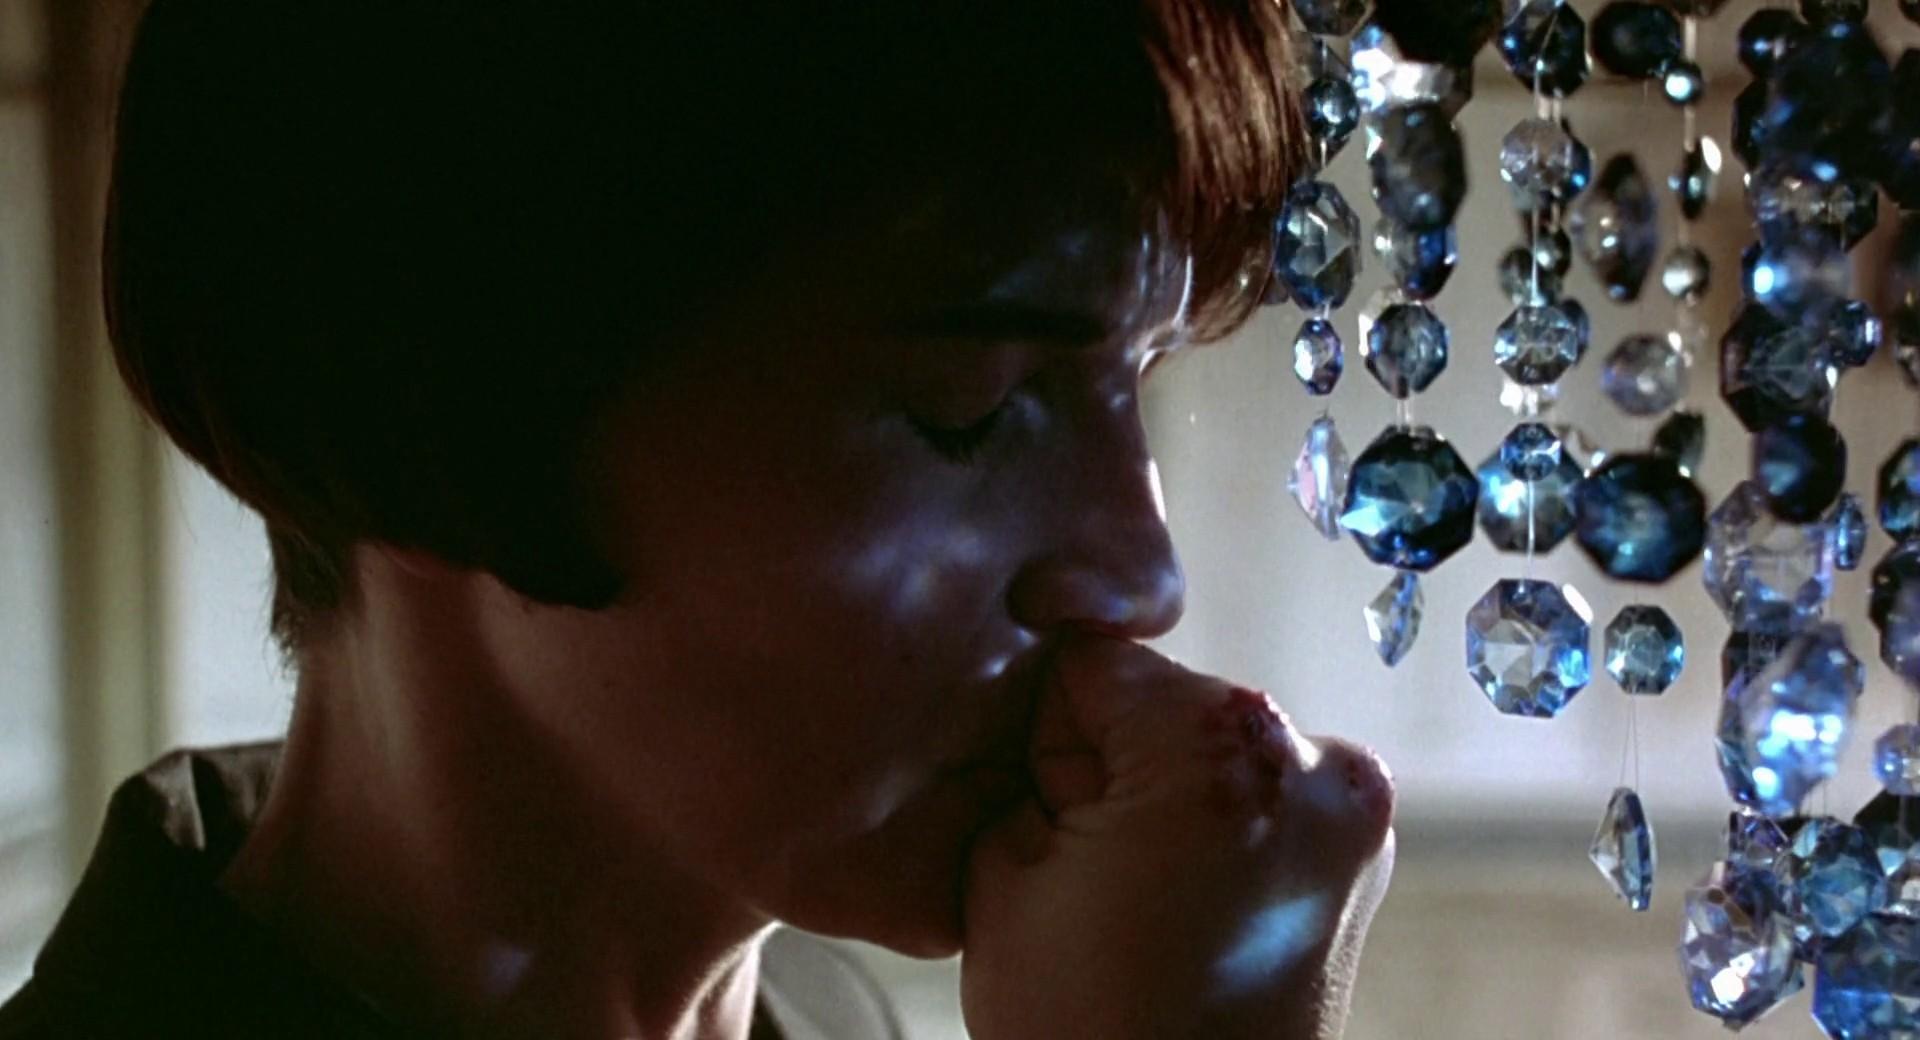 电影《蓝白红三部曲之蓝》影评心得,自由的幻觉-爱趣猫